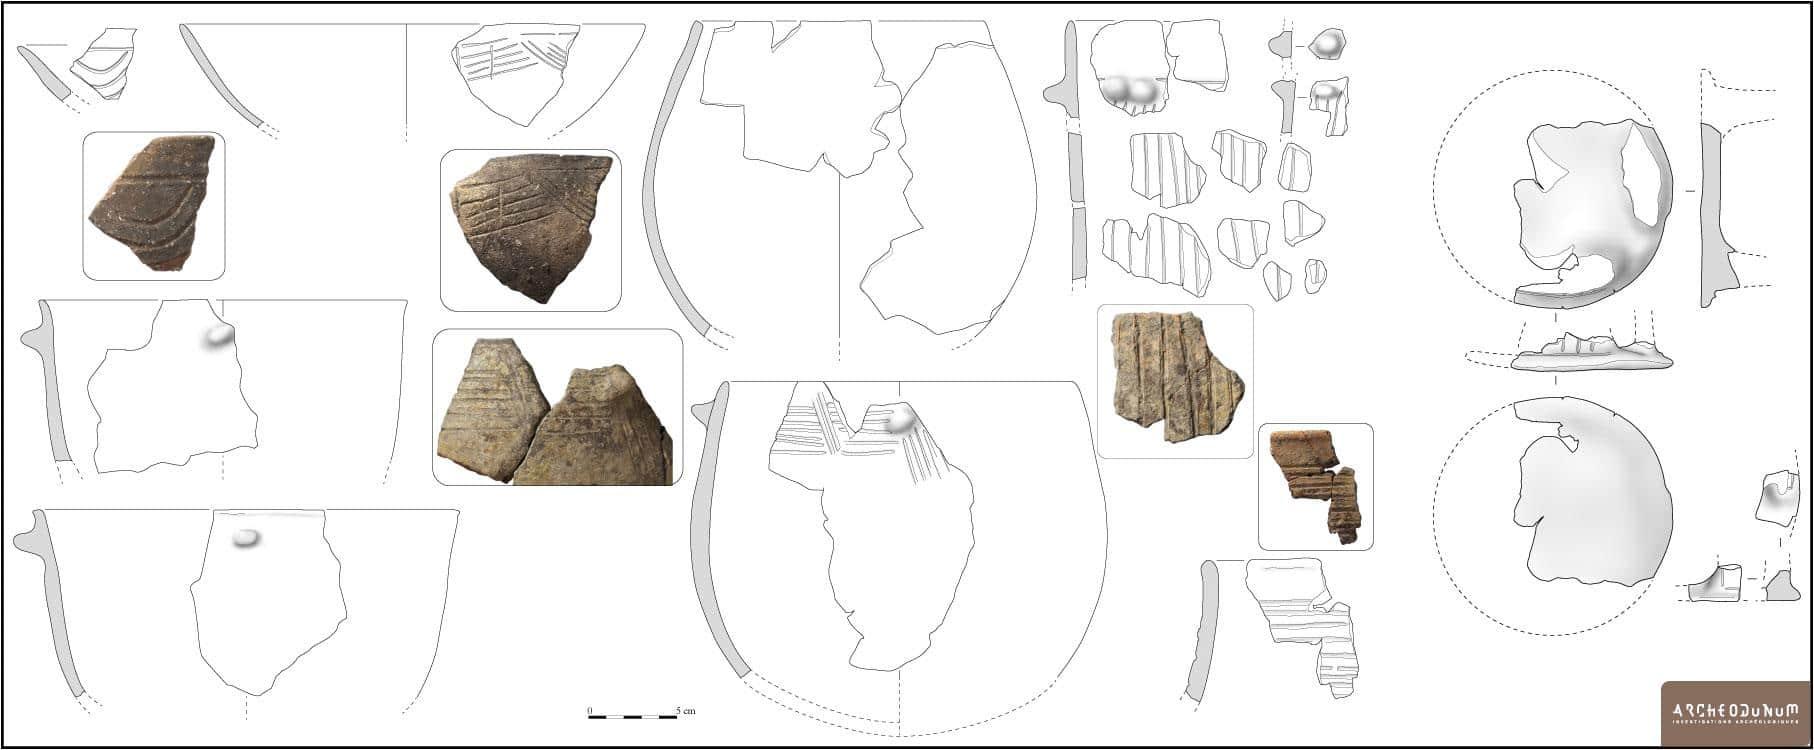 Échantillon de mobilier céramique du Néolithique final